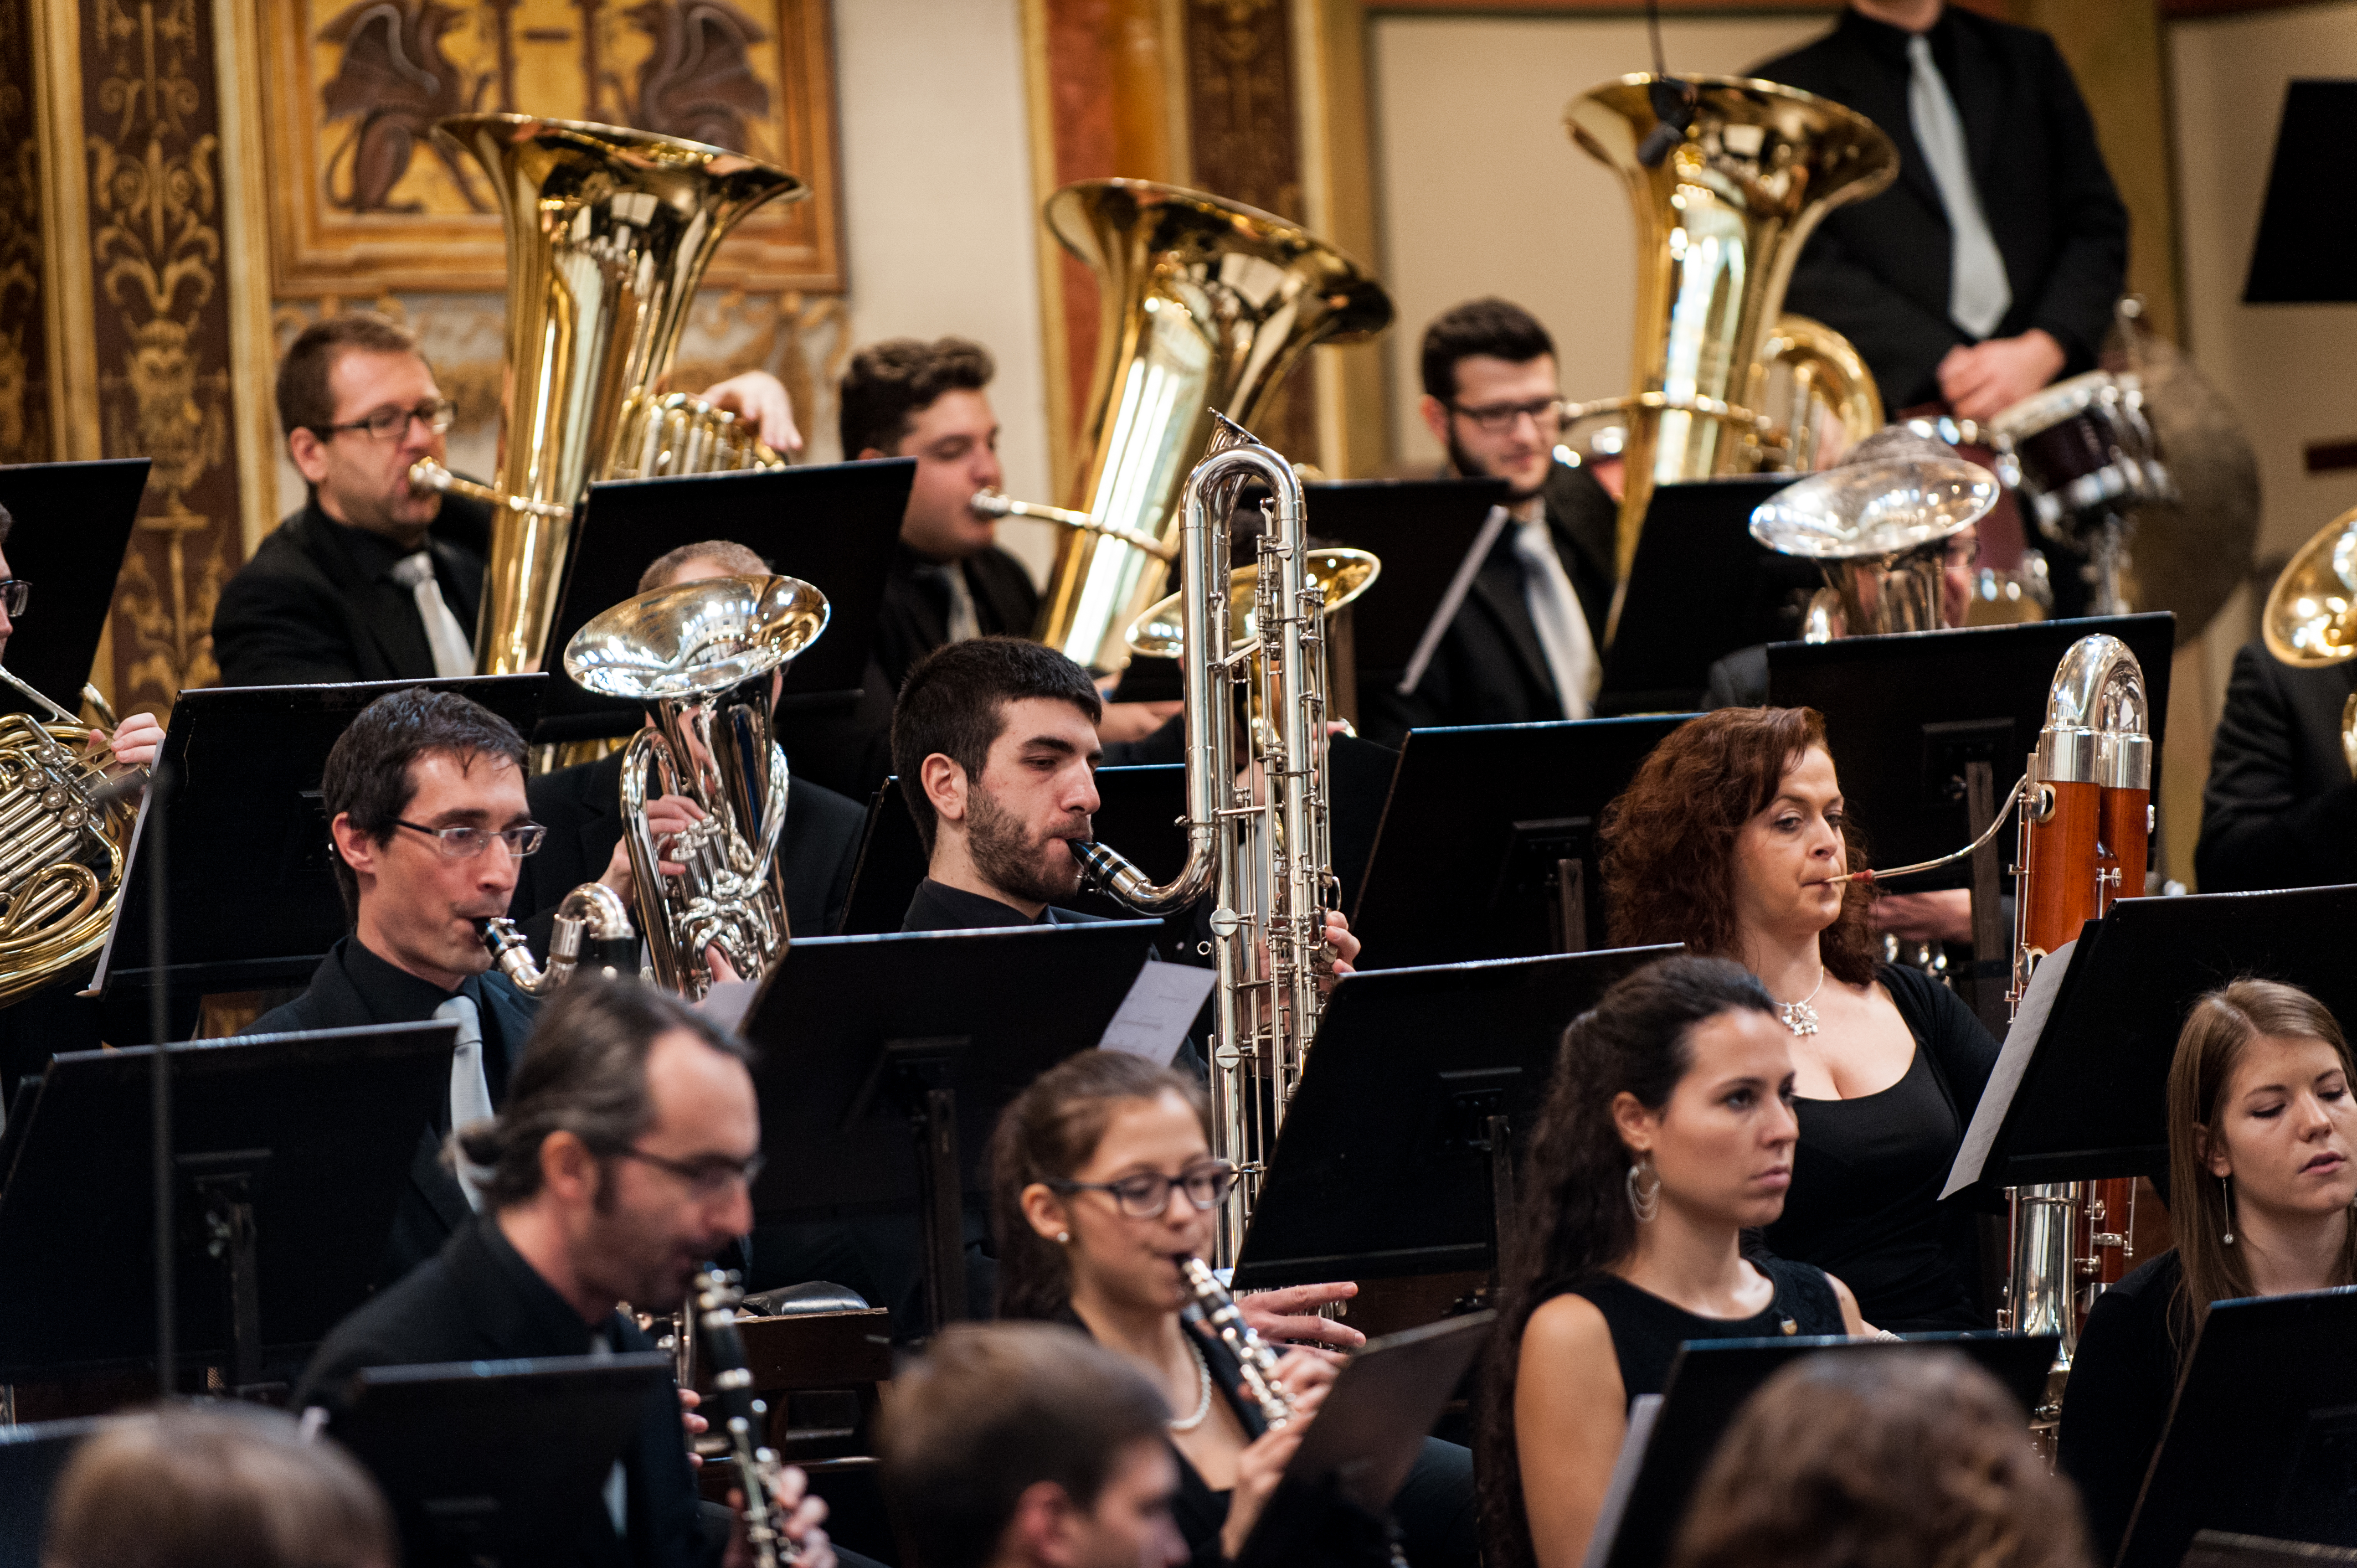 Doppelkonzert: Akademische Bläserphilharmonie Wien und Wiener Konzertvereinigung